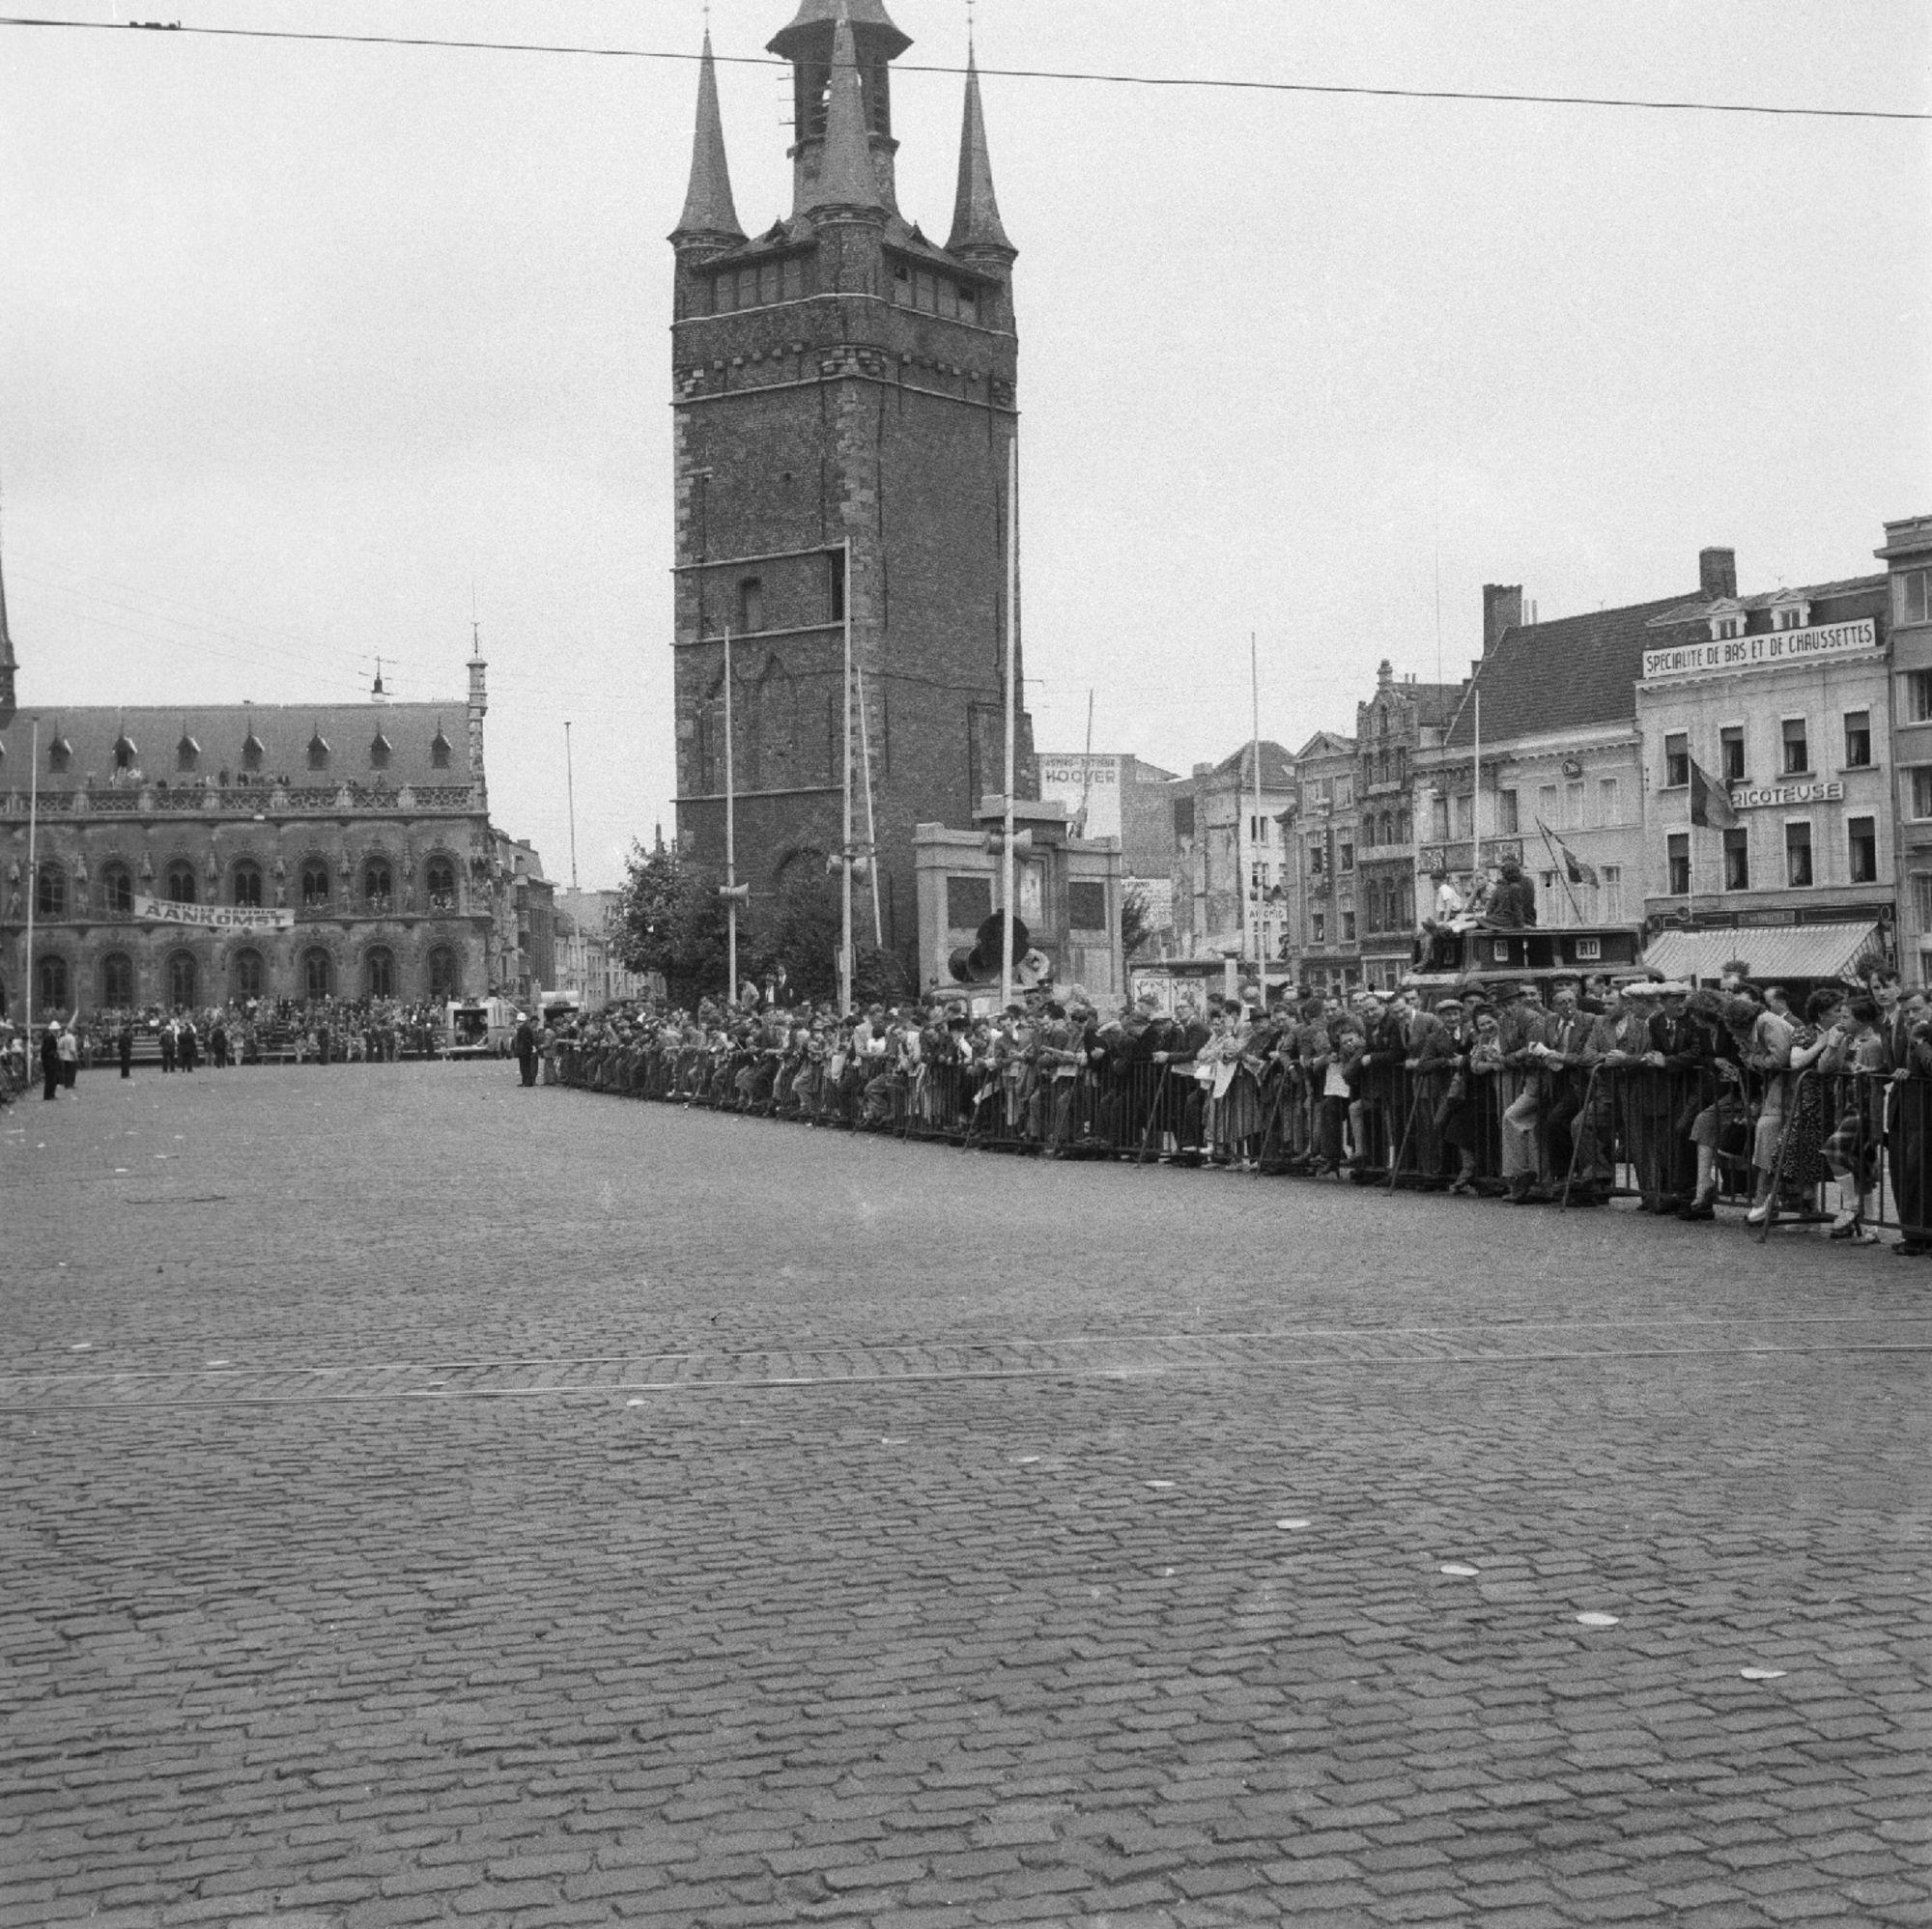 Wielerwedstrijd op de Grote Markt  ca 1950